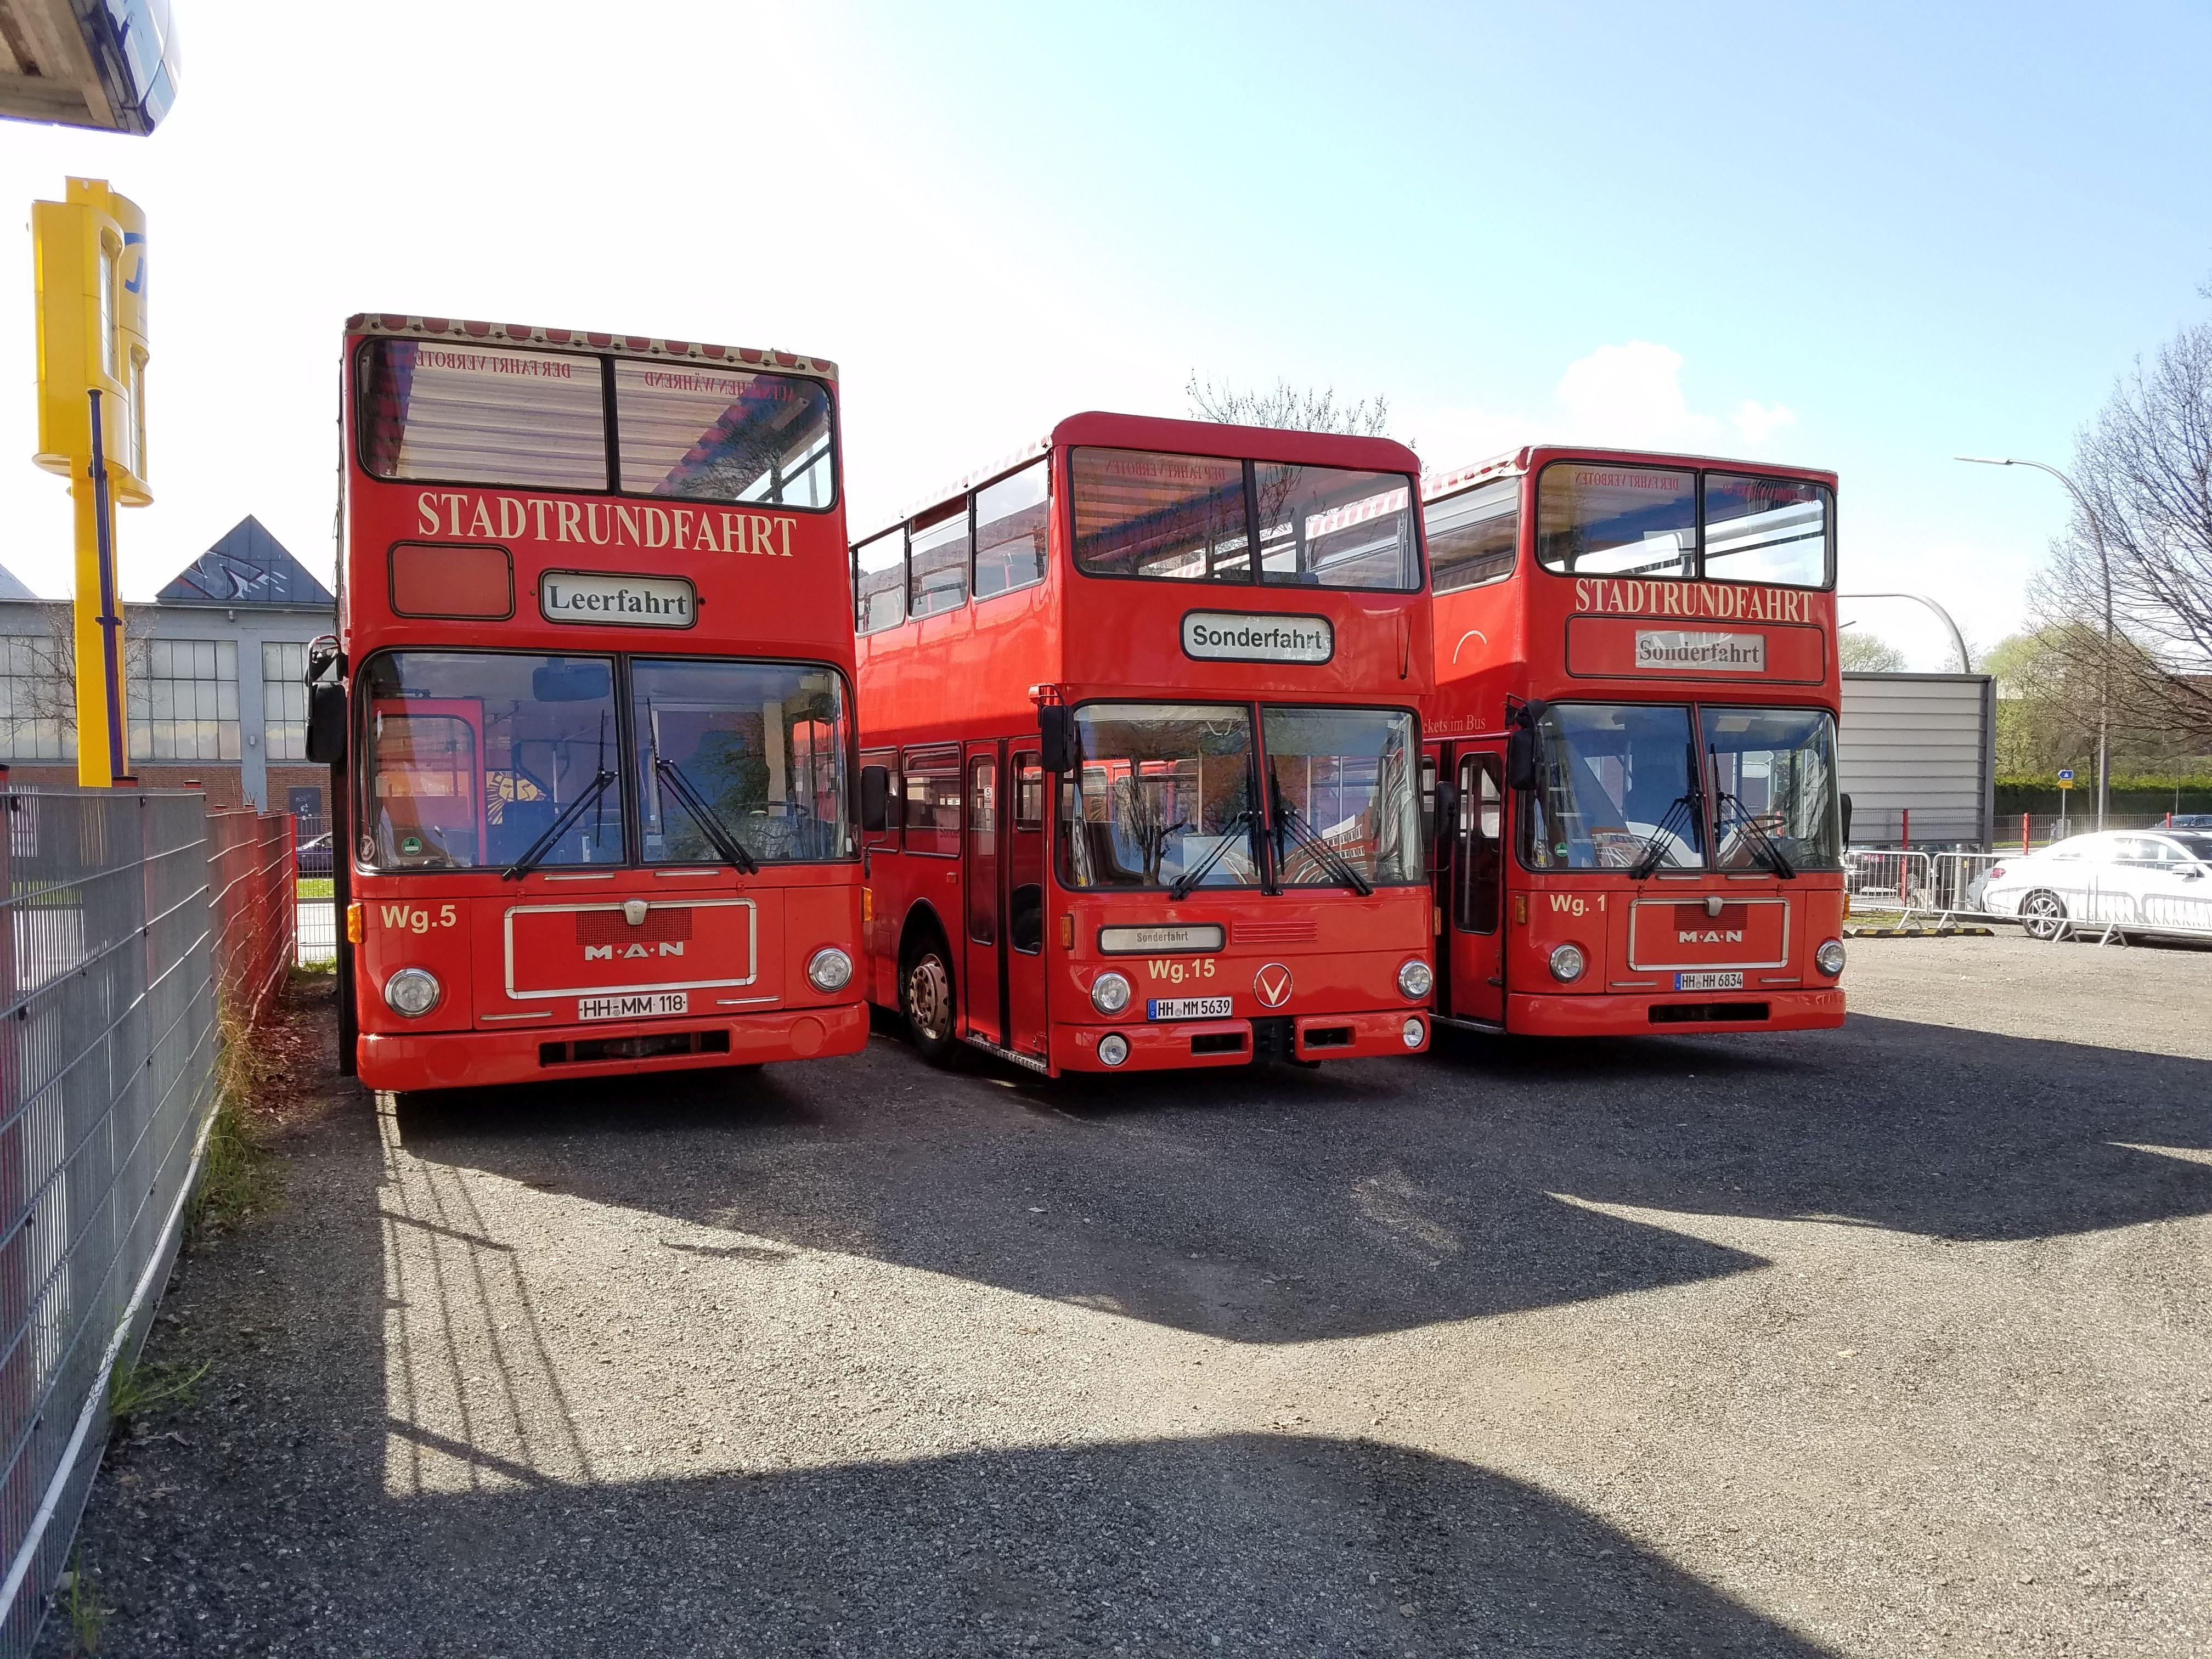 Foto: Bus 1893, Typ SD82, Stadtrundfahrtbus HH HH 6834, Hamburg, März 2017